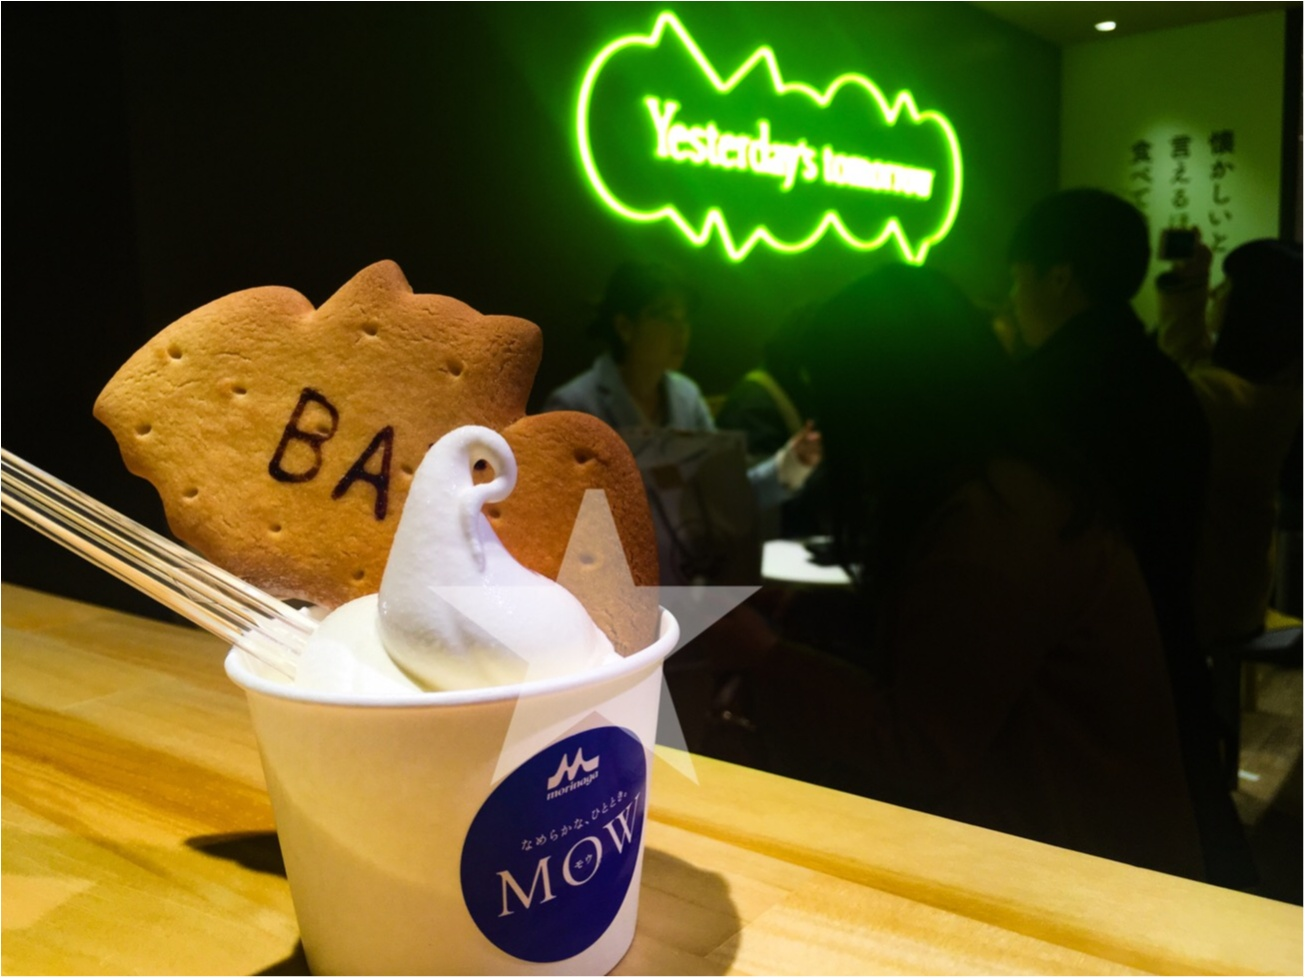 《ご当地/新宿》話題☆お菓子のワンダーランドが新宿に登場♡ あの有名お菓子がBIGサイズに!!_9